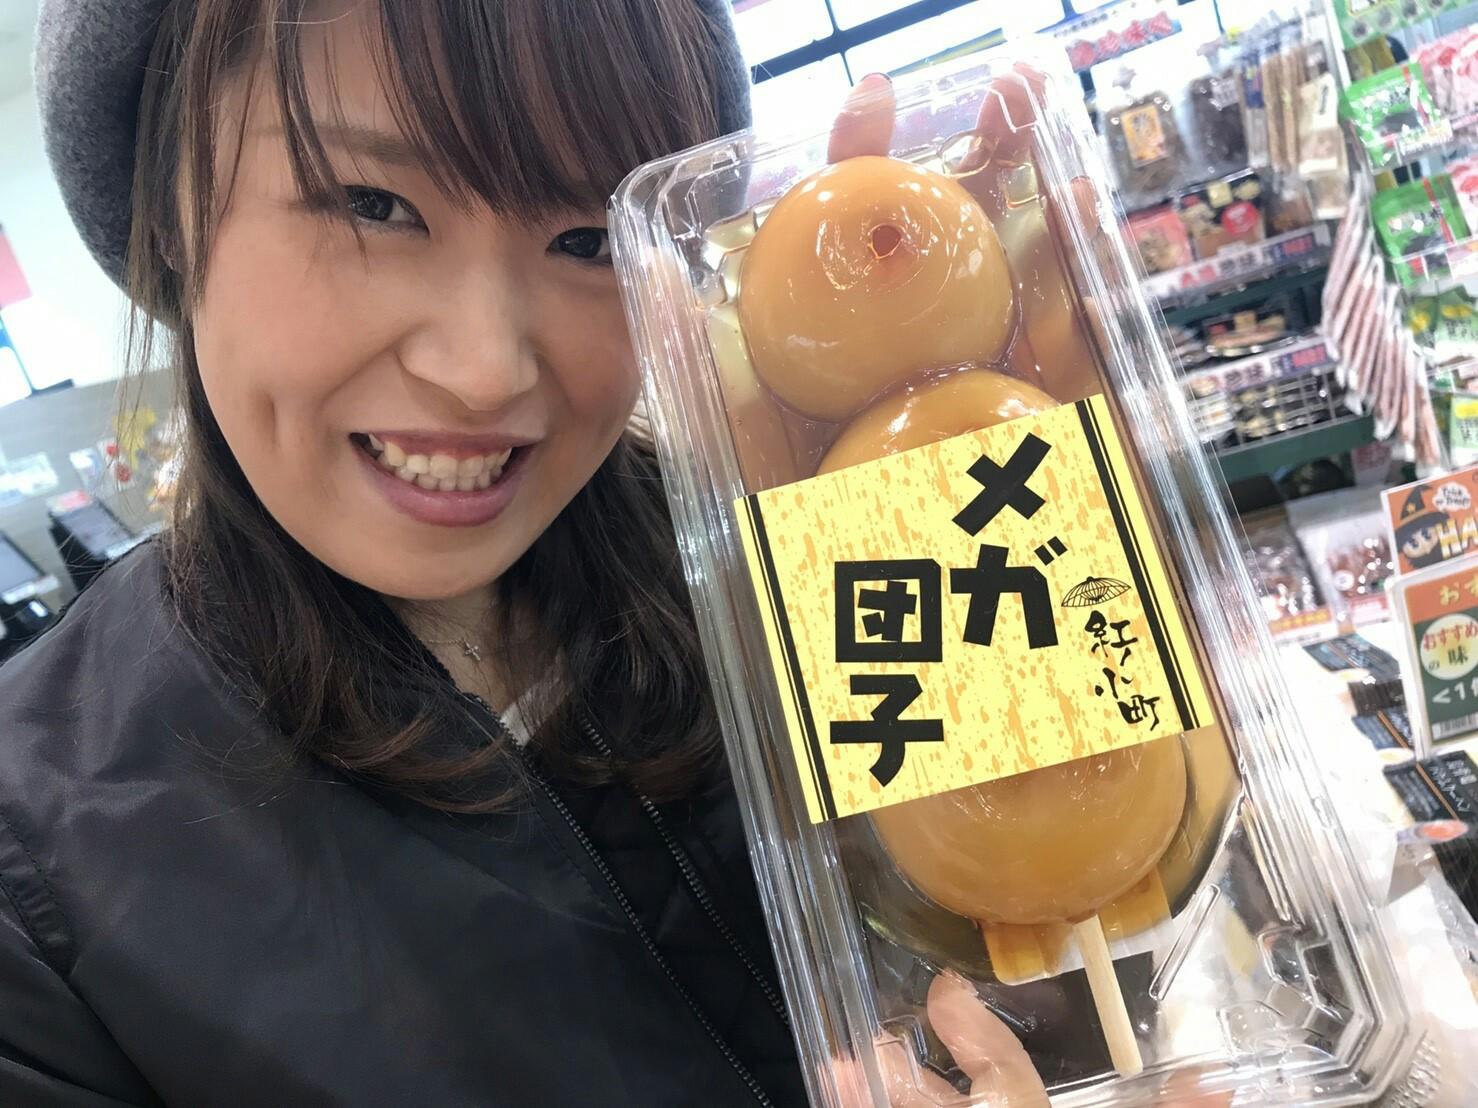 f:id:shiika-0620:20171027174412j:plain